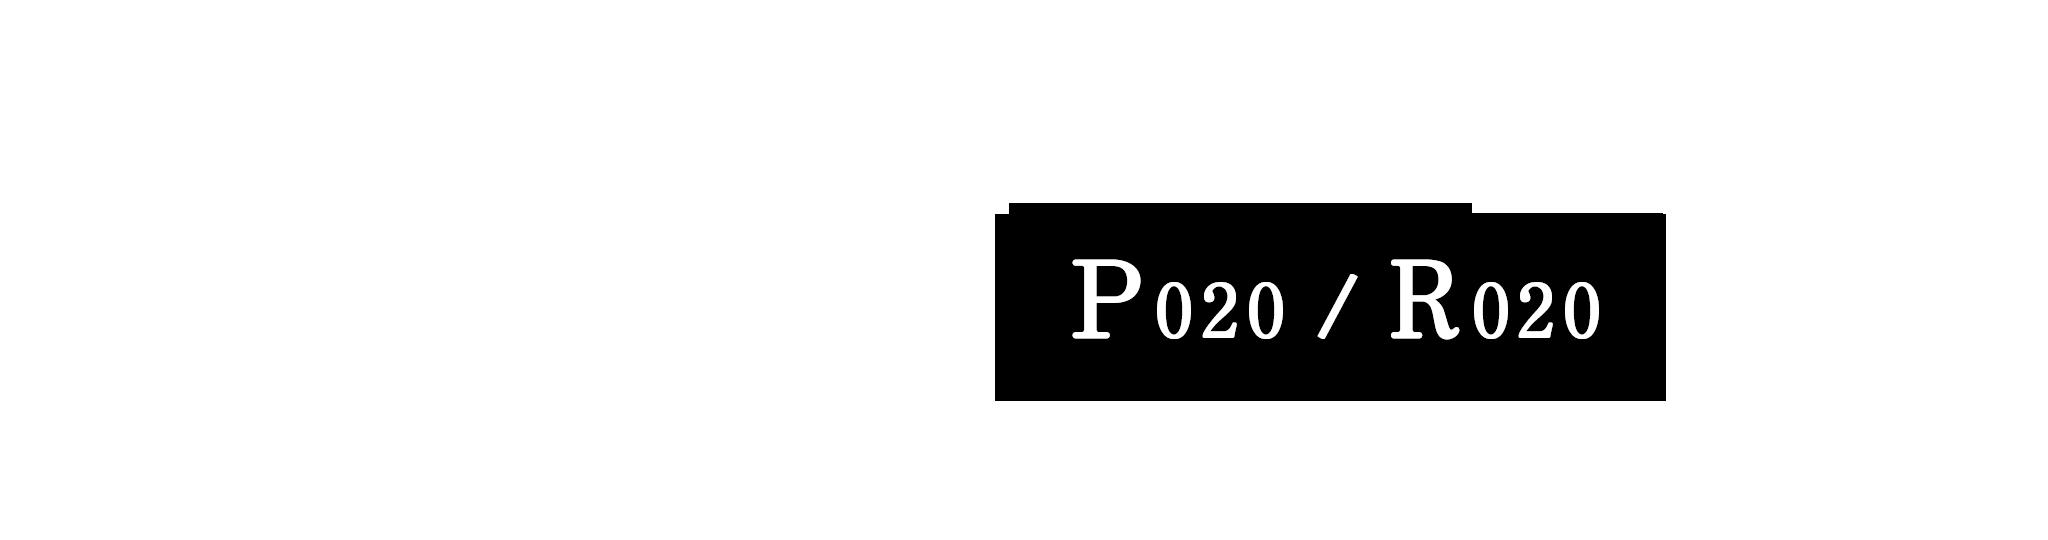 p020-r020-top-tabsp